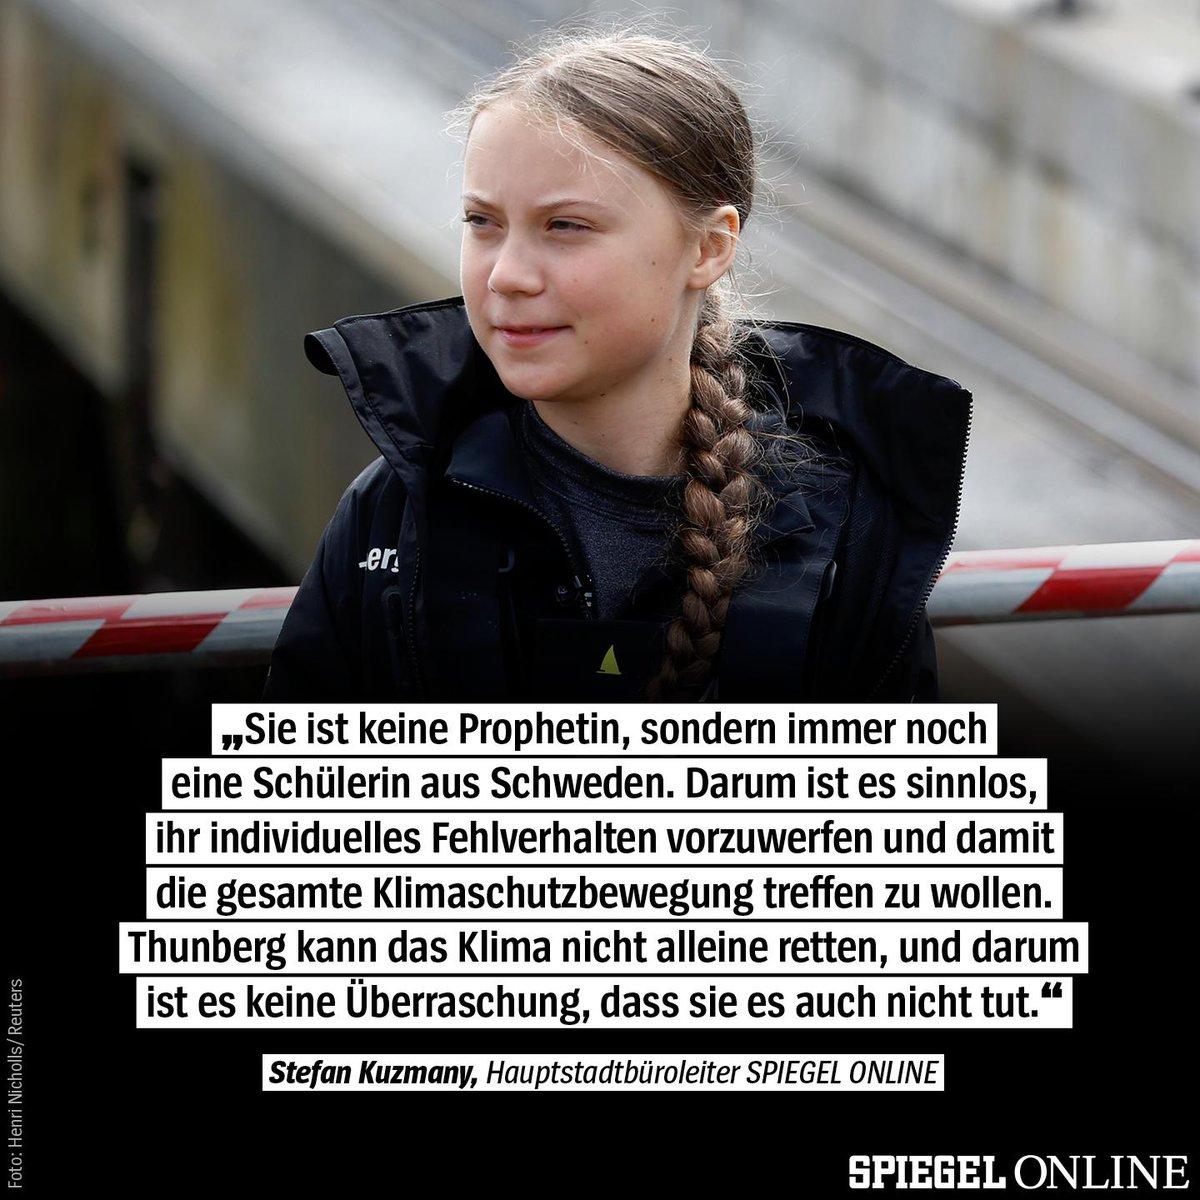 """""""Es ist geradezu übermenschlich, was Greta Thunberg in diesem einen Jahr erreicht hat"""", schreibt @kuzy in seiner Kolumne. """"Deshalb ist es jetzt an der Zeit, sie ziehen zu lassen."""" https://t.co/bmcvOdU9c9 https://t.co/GLCBxC9GAO"""